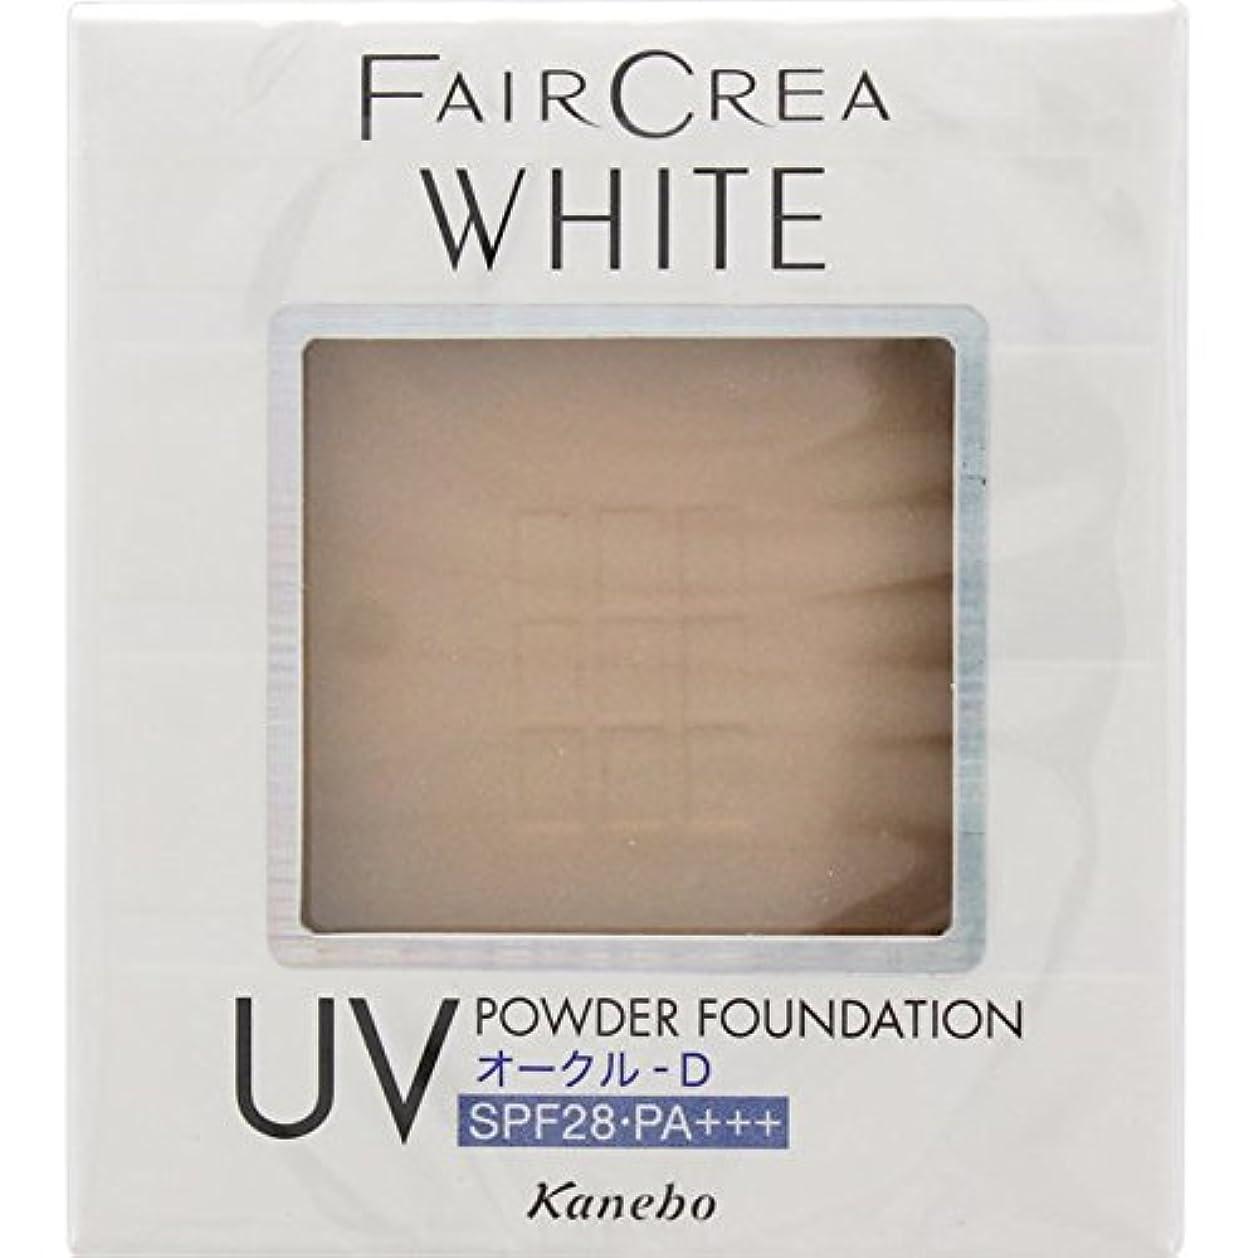 透過性プライム偽カネボウフェアクレア(FAIRCREA)ホワイトUVパウダーファンデーション カラー:オークルD